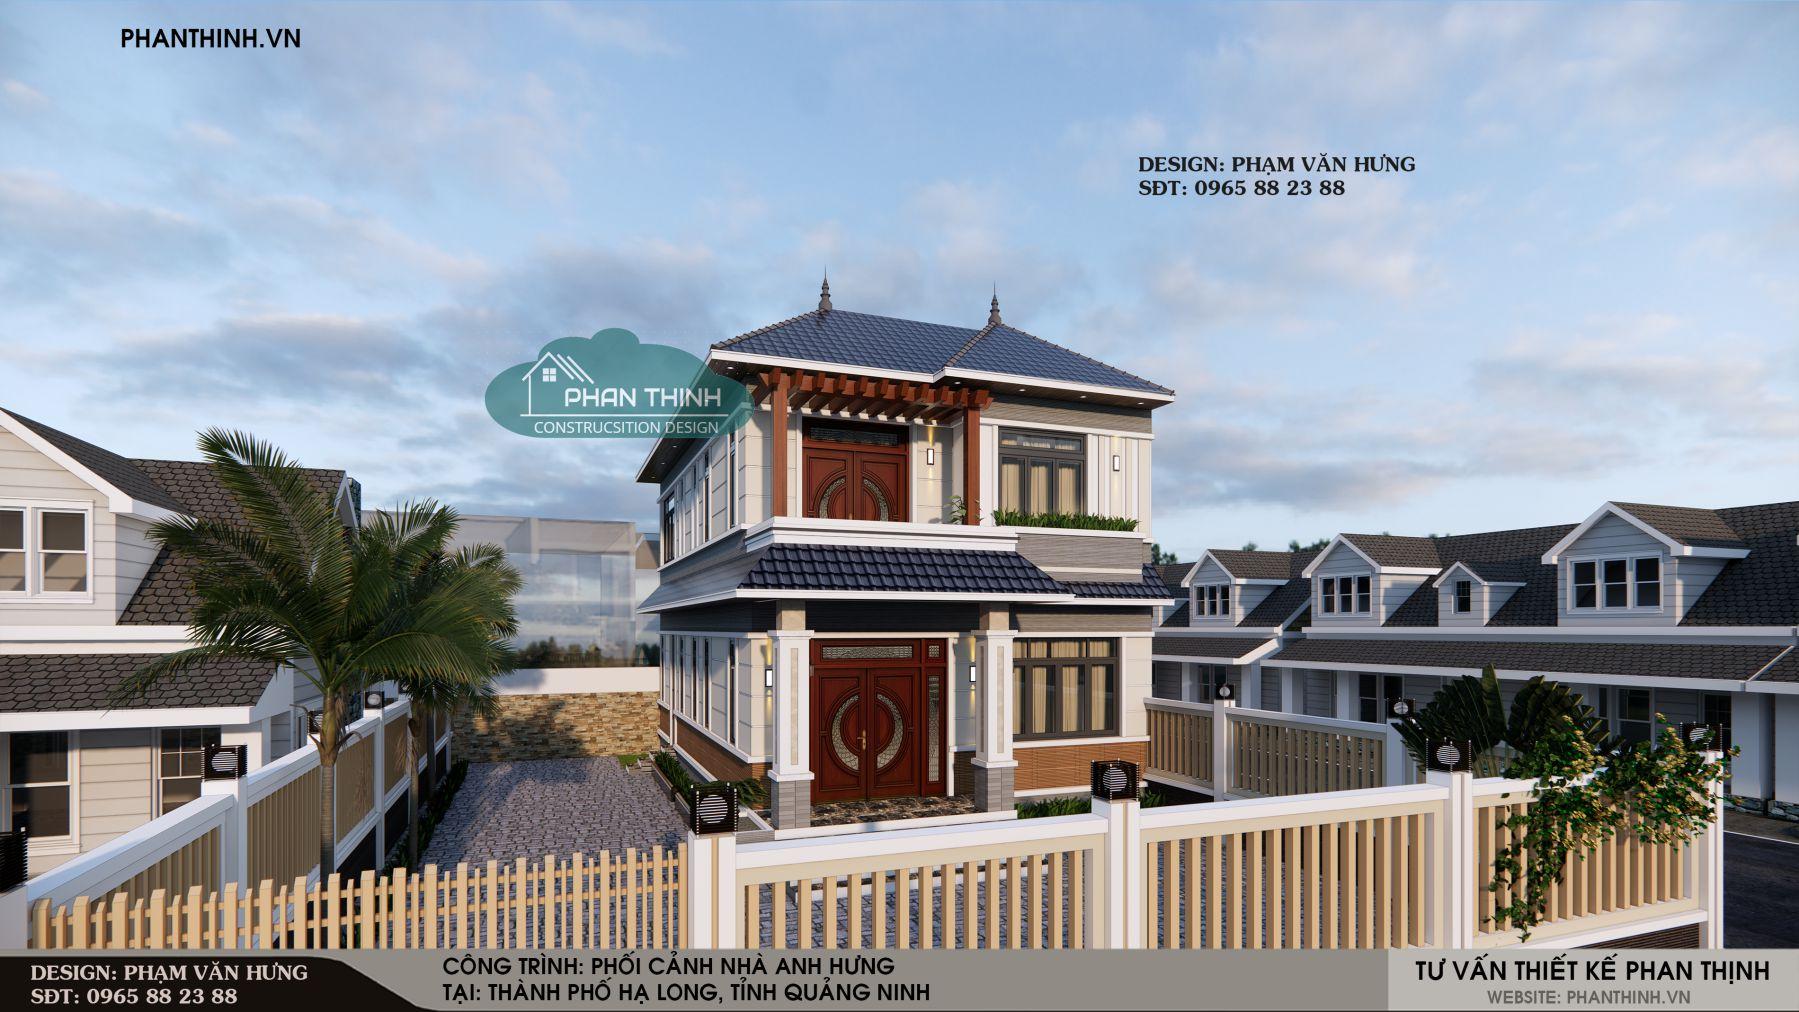 Thiết kế biệt thự 2 tầng mái thái đẹp ở Quảng Ninh